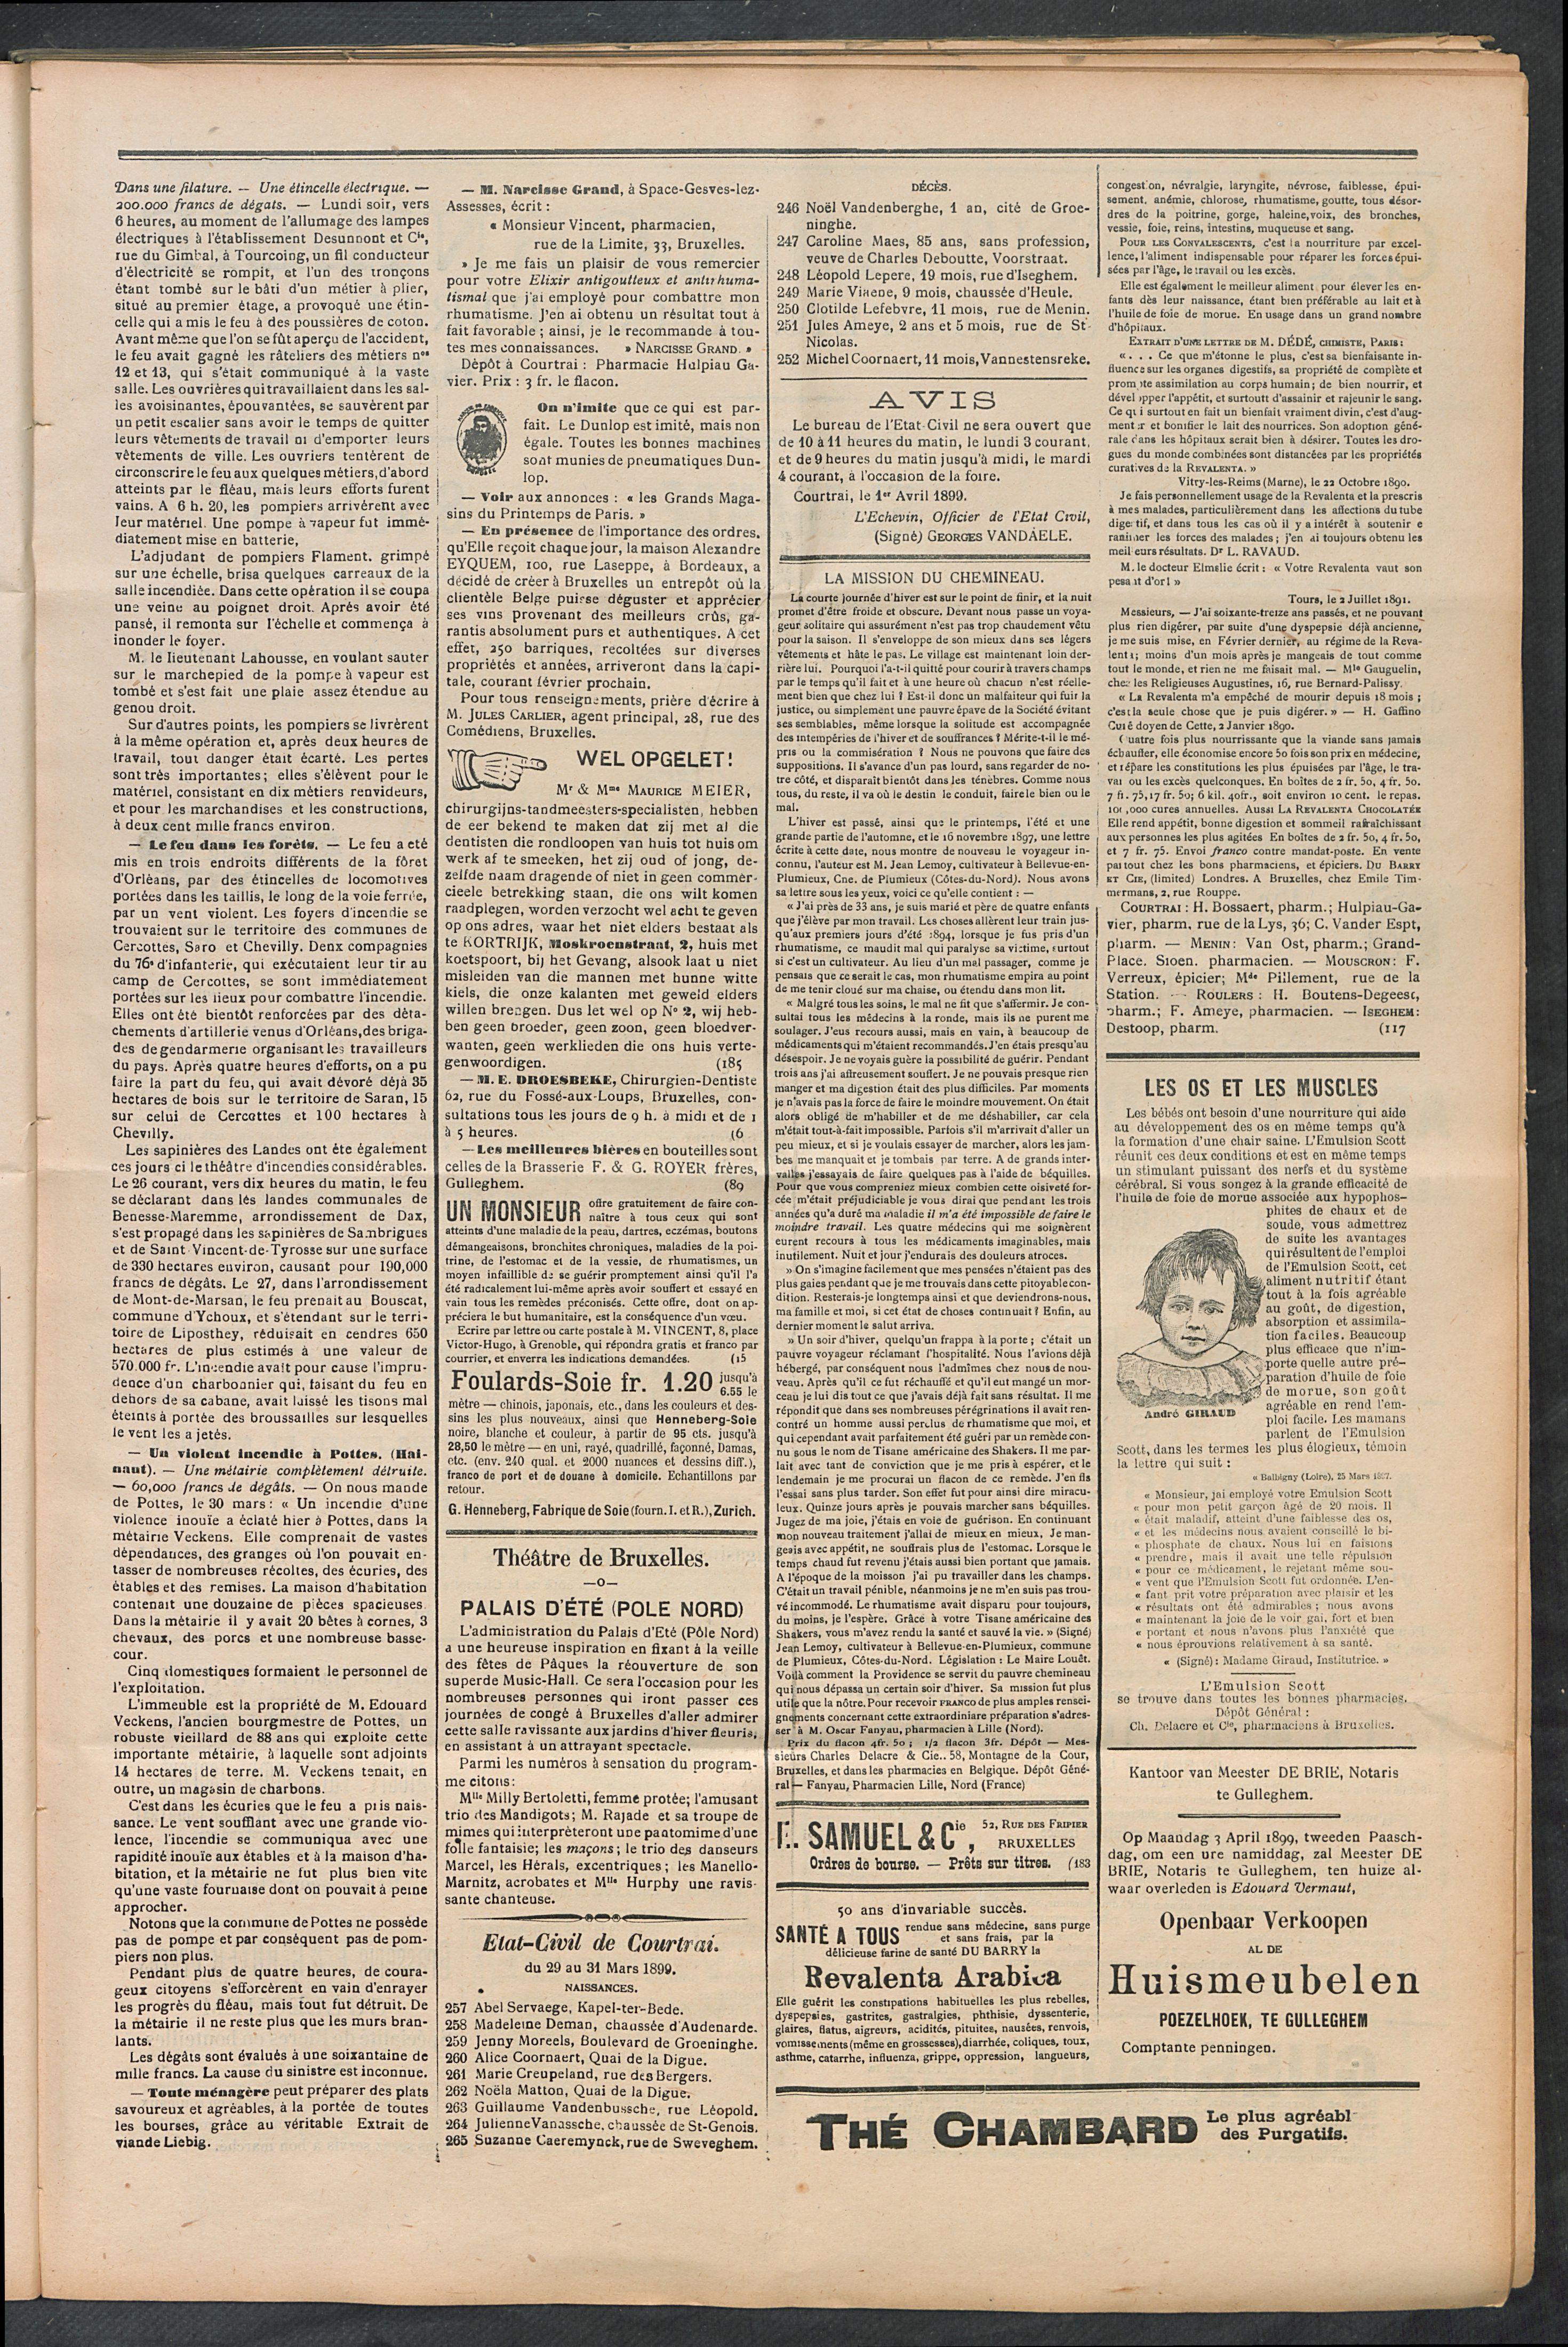 L'echo De Courtrai 1899-04-02 p3